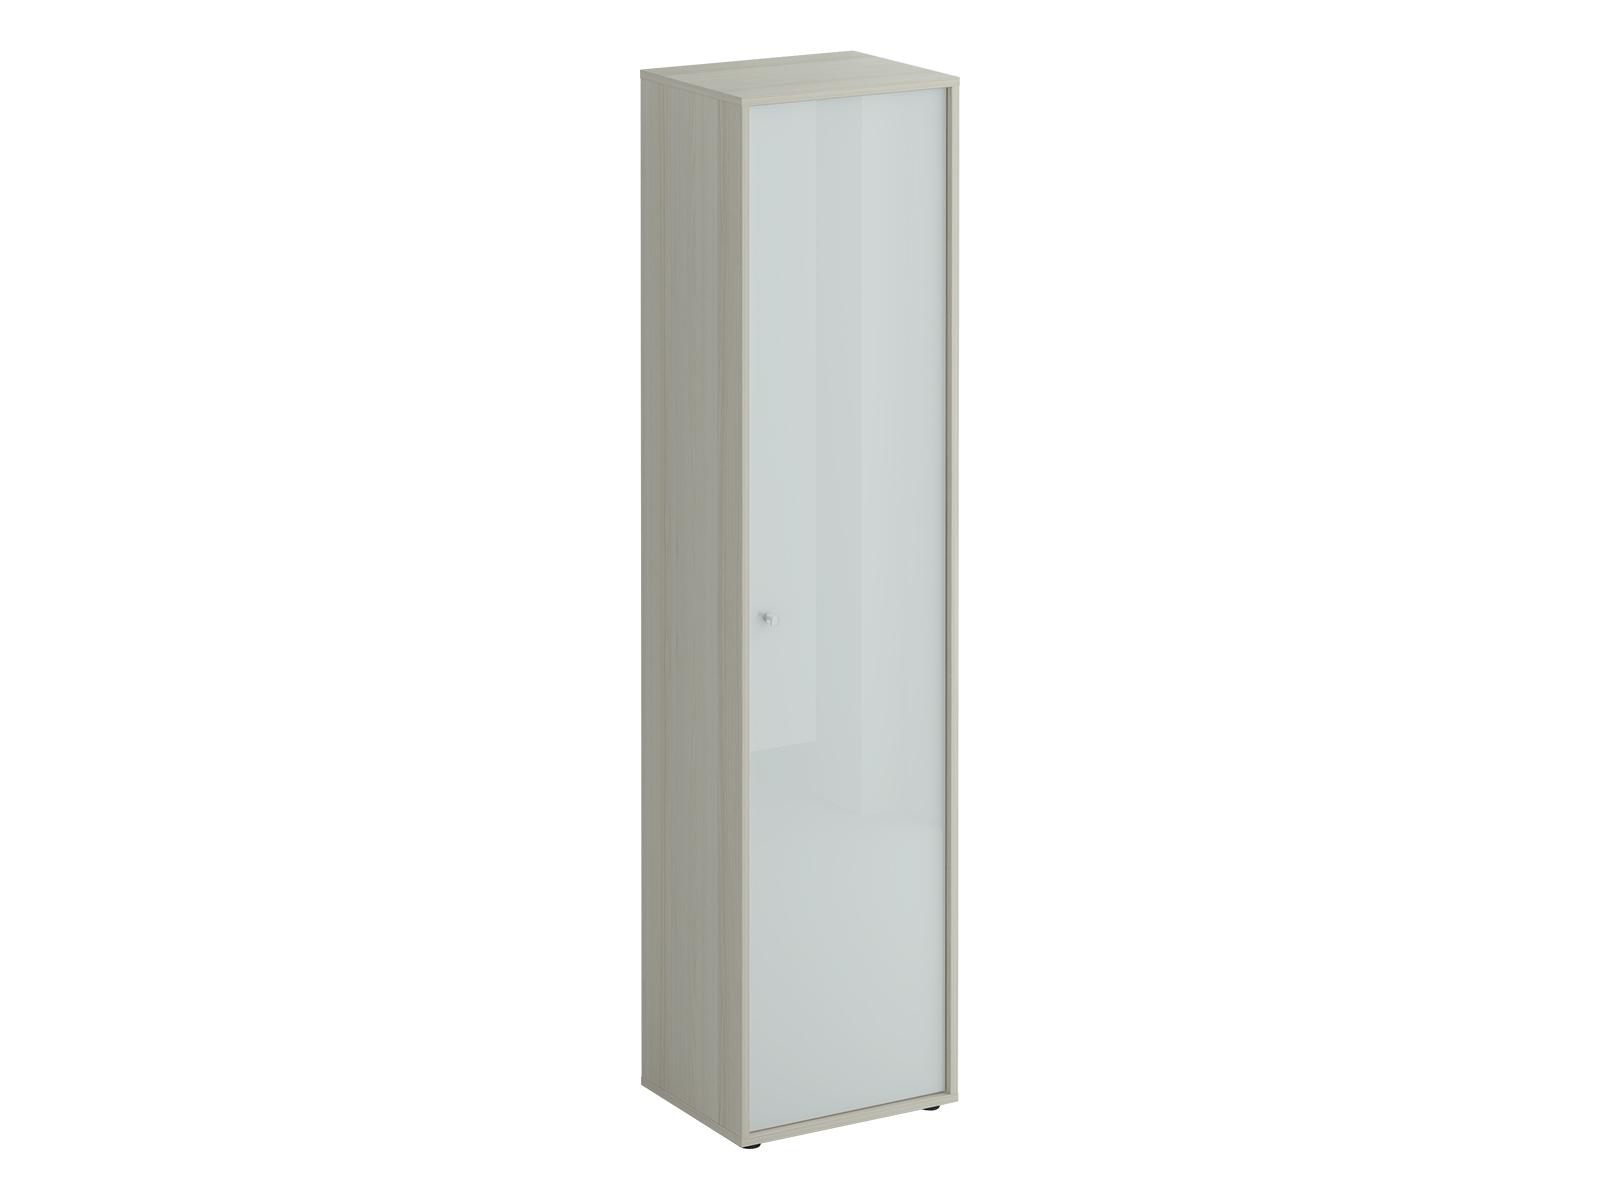 Шкаф однодверный LatteБельевые шкафы<br>Шкаф однодверный. Наполнение шкафа - 5 полок. Шкаф крепится к стене.&amp;lt;div&amp;gt;&amp;lt;br&amp;gt;&amp;lt;/div&amp;gt;&amp;lt;div&amp;gt;&amp;lt;span style=&amp;quot;line-height: 24.9999px;&amp;quot;&amp;gt;Ручки в комплект не входят&amp;lt;/span&amp;gt;&amp;lt;br&amp;gt;&amp;lt;/div&amp;gt;<br><br>Material: ДСП<br>Width см: 46<br>Depth см: 37<br>Height см: 191